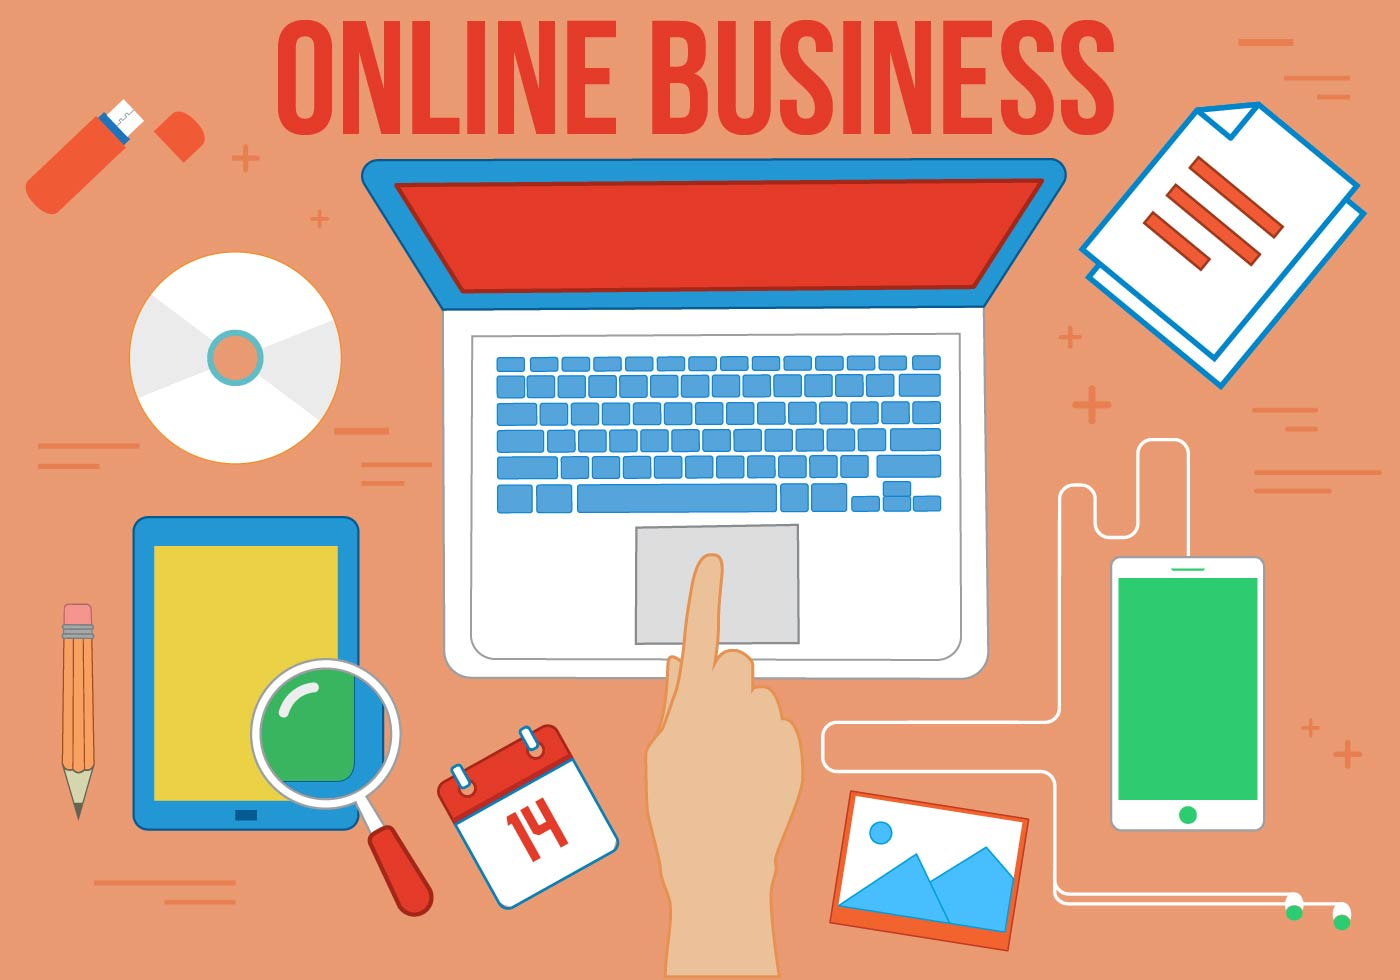 Free Online Vector Business - Download Free Vectors, Clipart Graphics & Vector Art